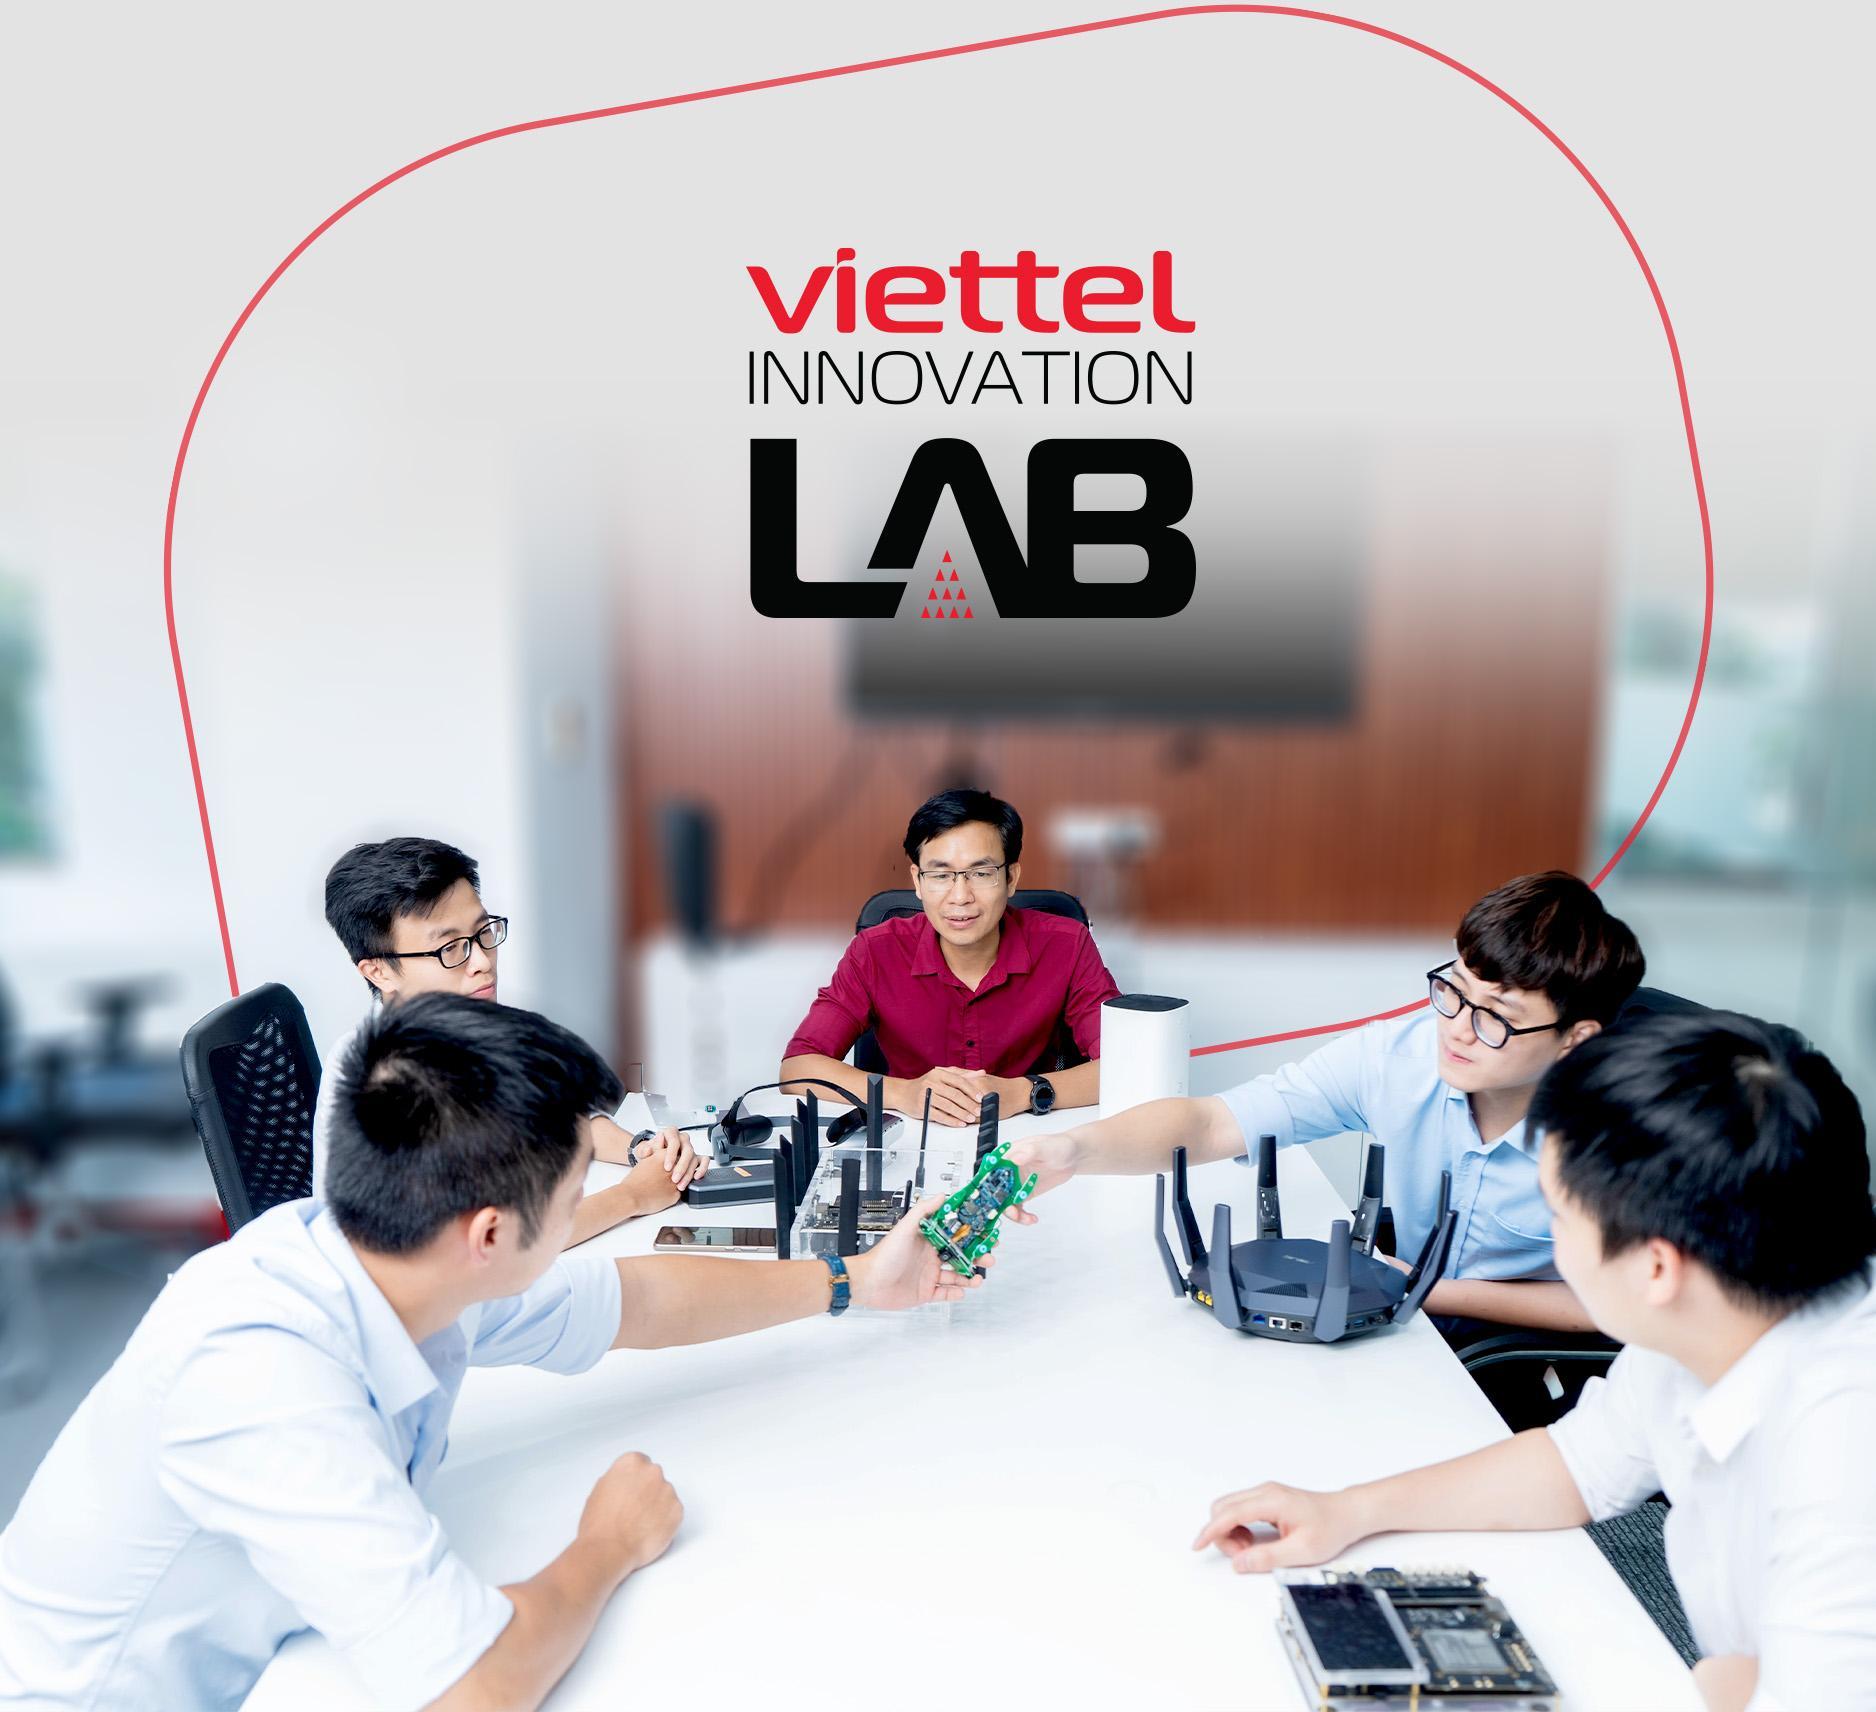 Viettel vận hành hai phòng lab lớn nhất Đông Nam Á ảnh 1